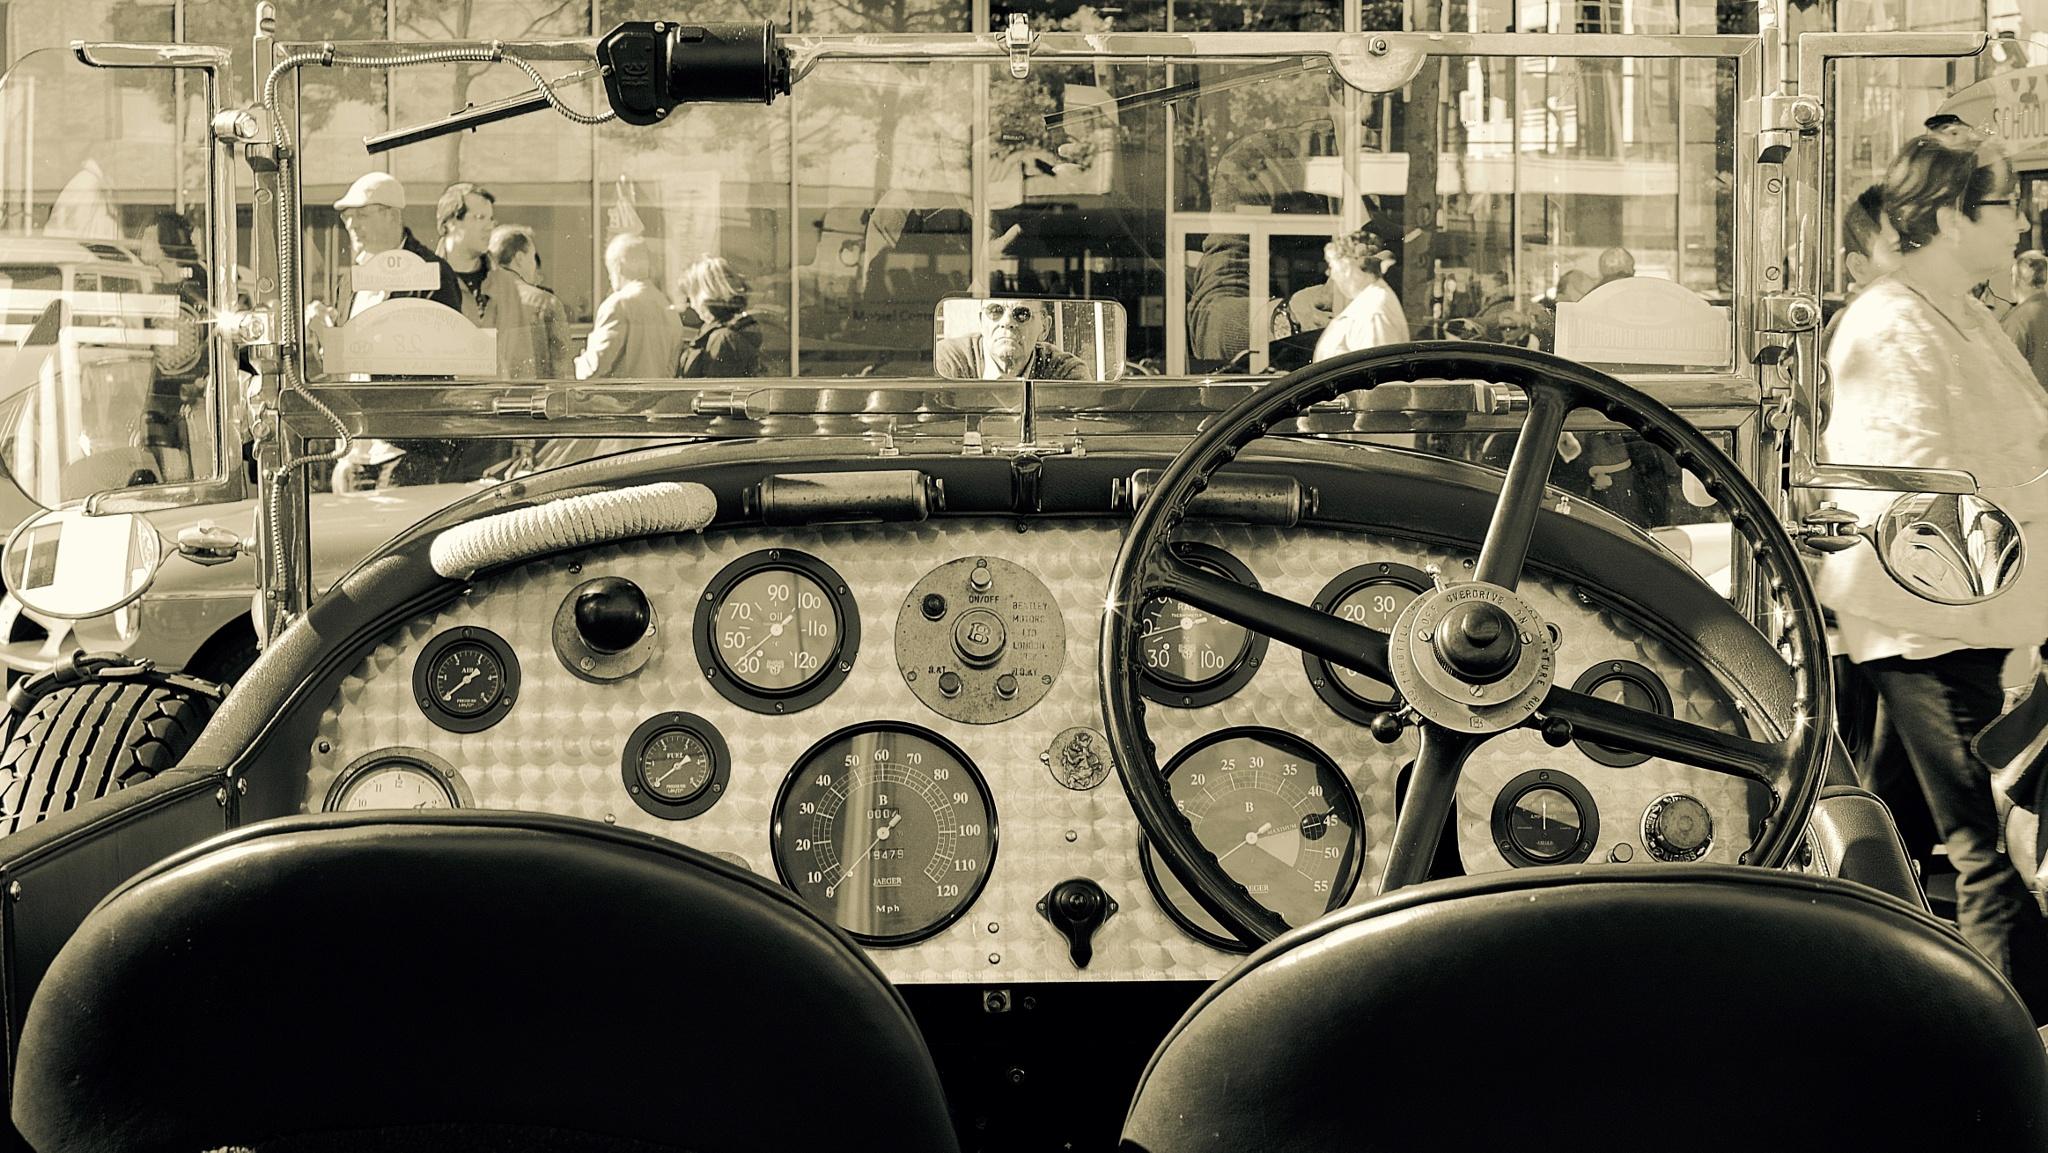 Oldtimer Bentley Le Mans. by peterfmmerx